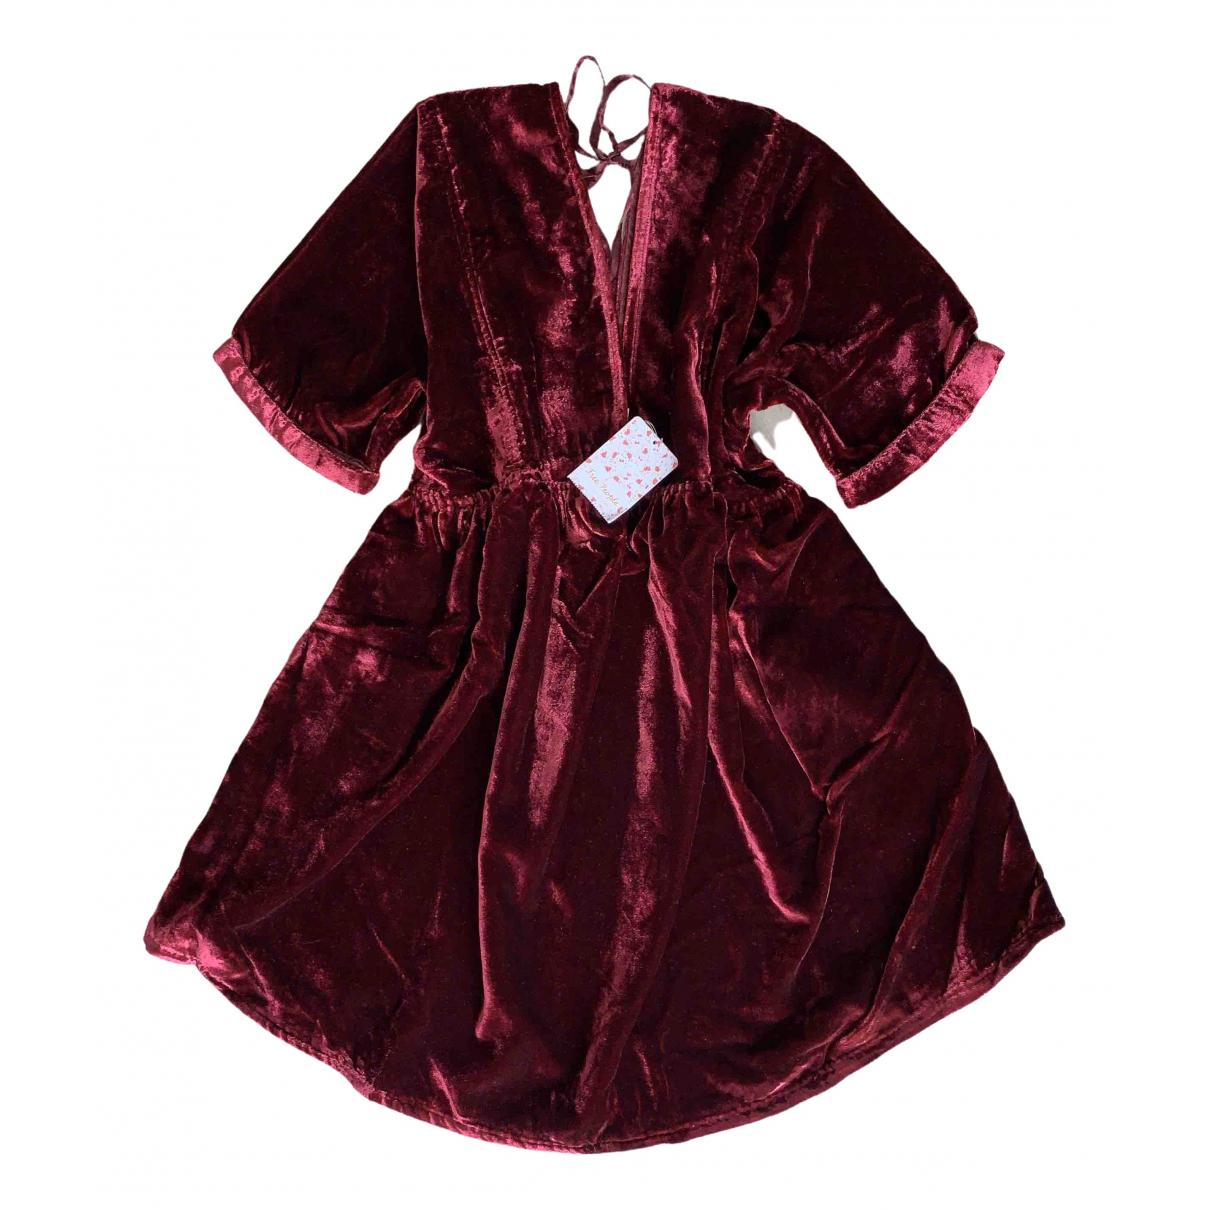 Free People \N Red Velvet dress for Women XS International